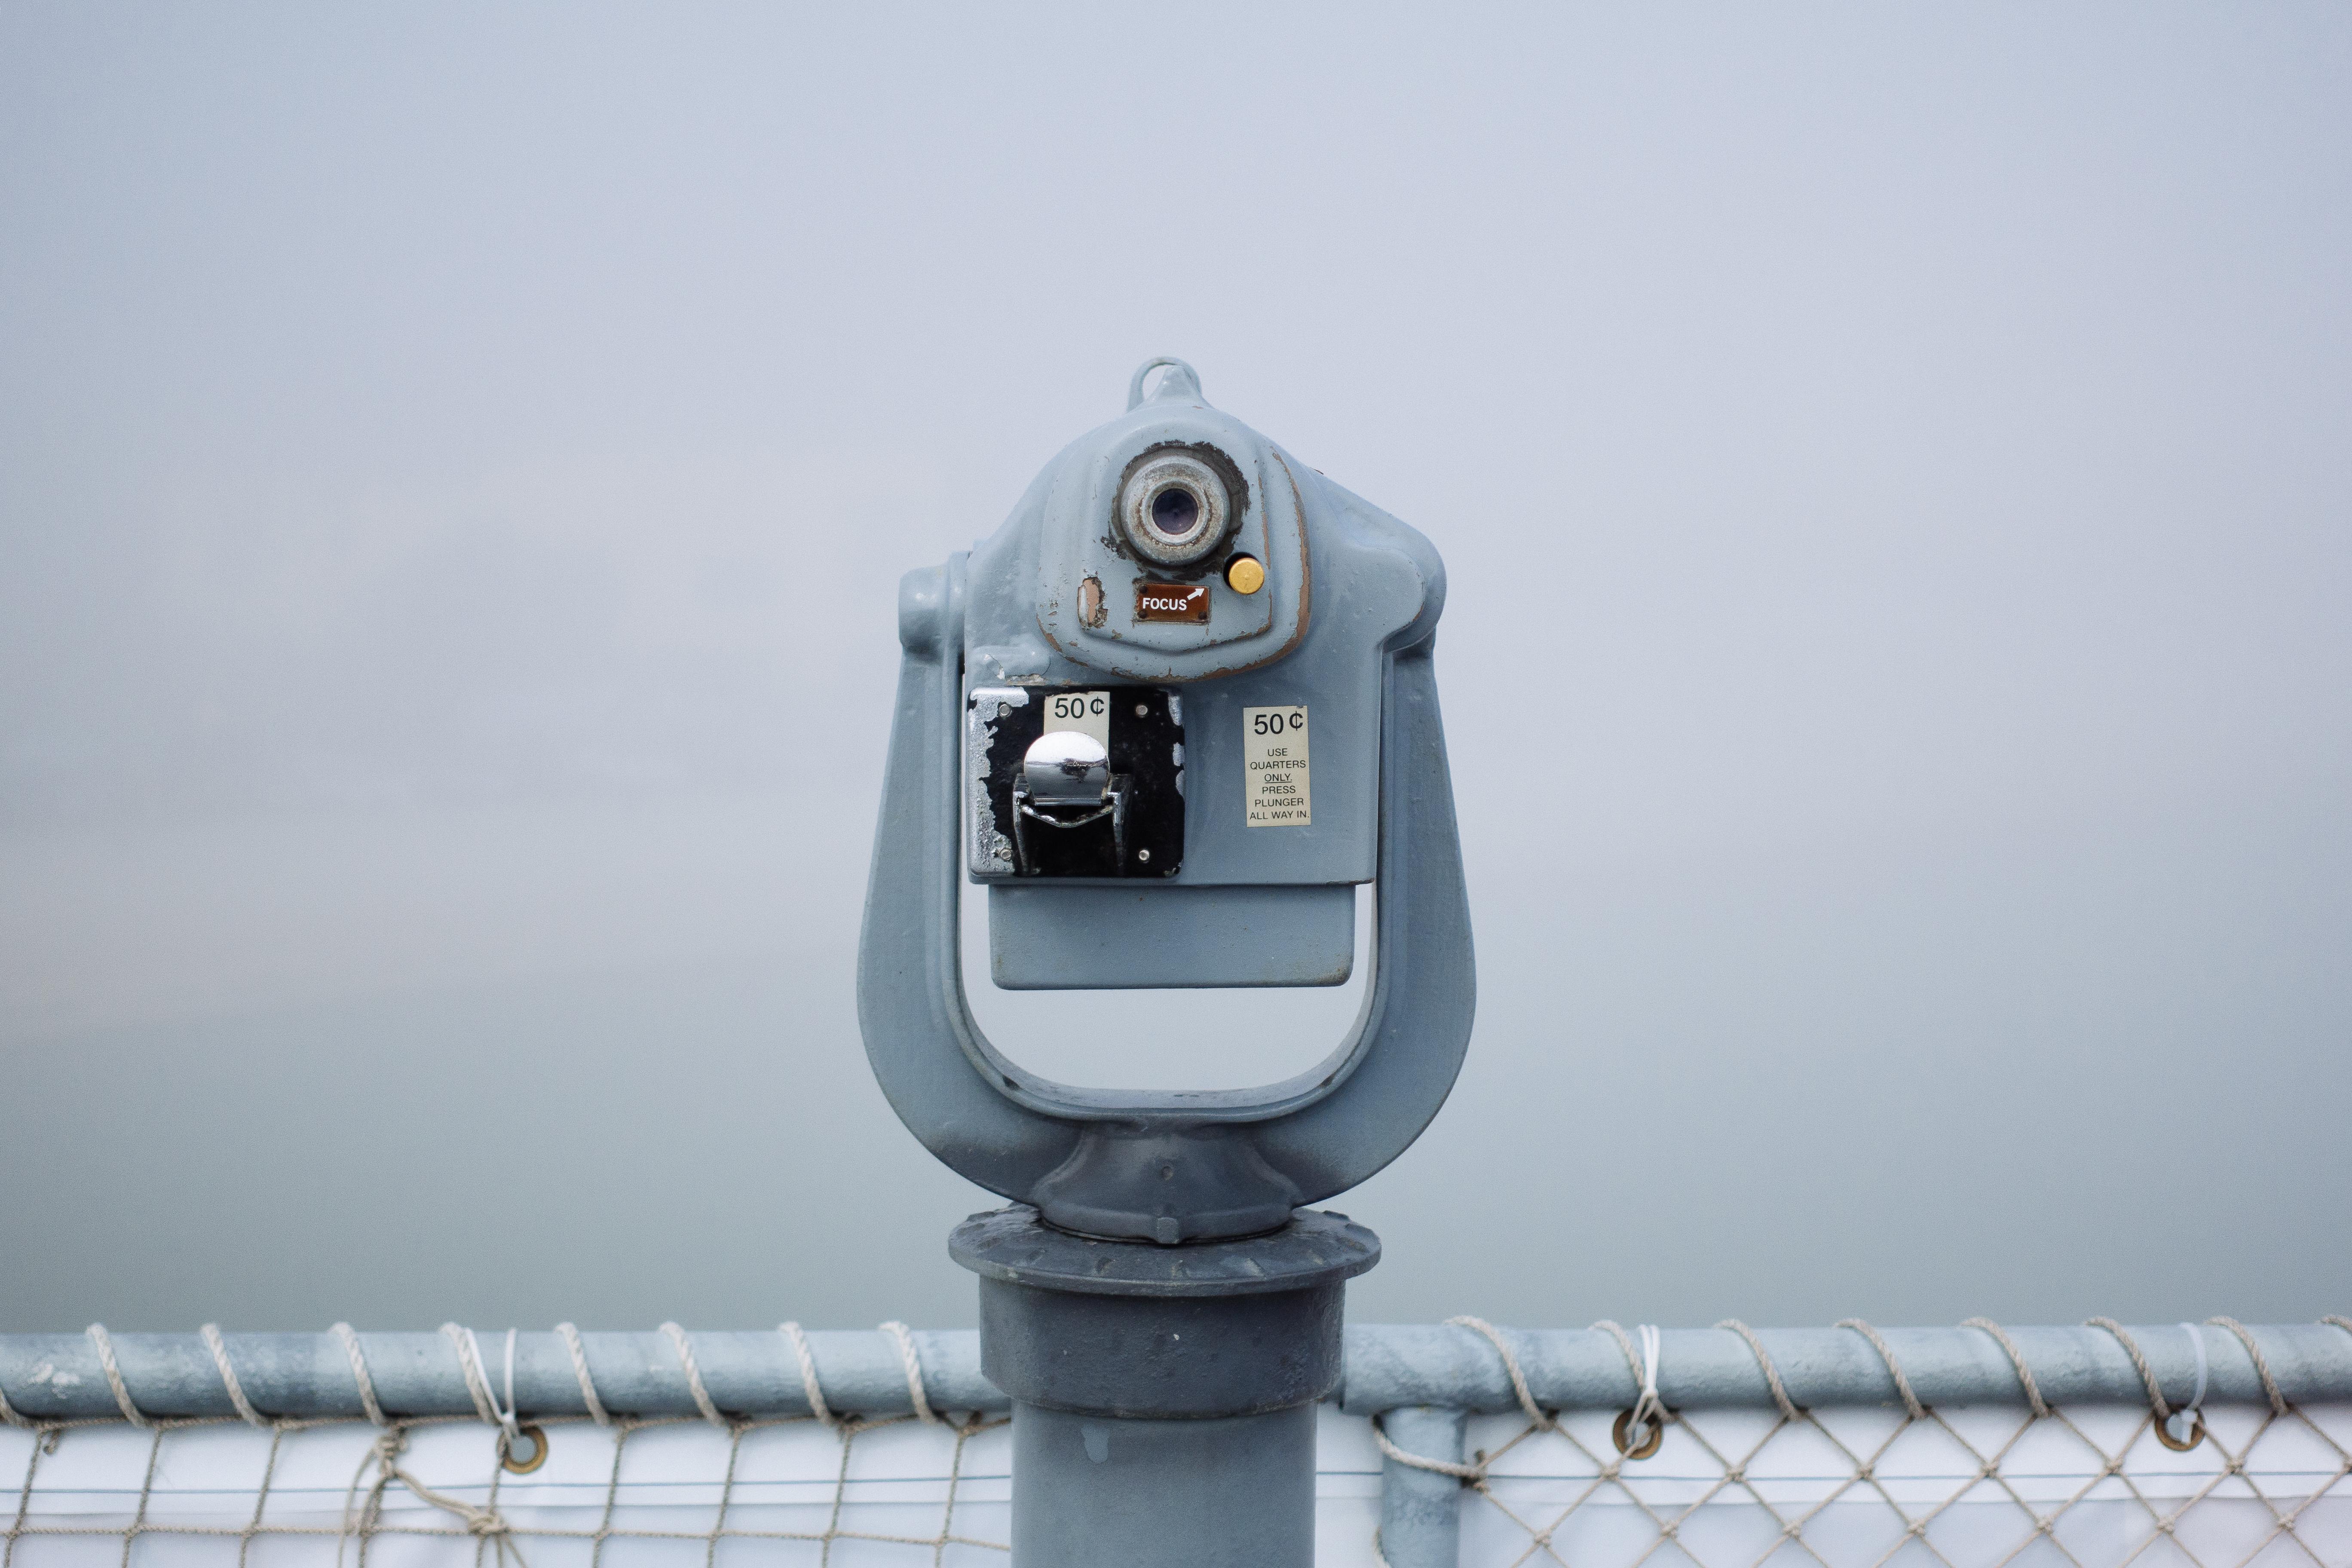 Entfernungsmesser Mit Sucher : Kostenlose foto weiß sucher fahrzeug grau entfernungsmesser